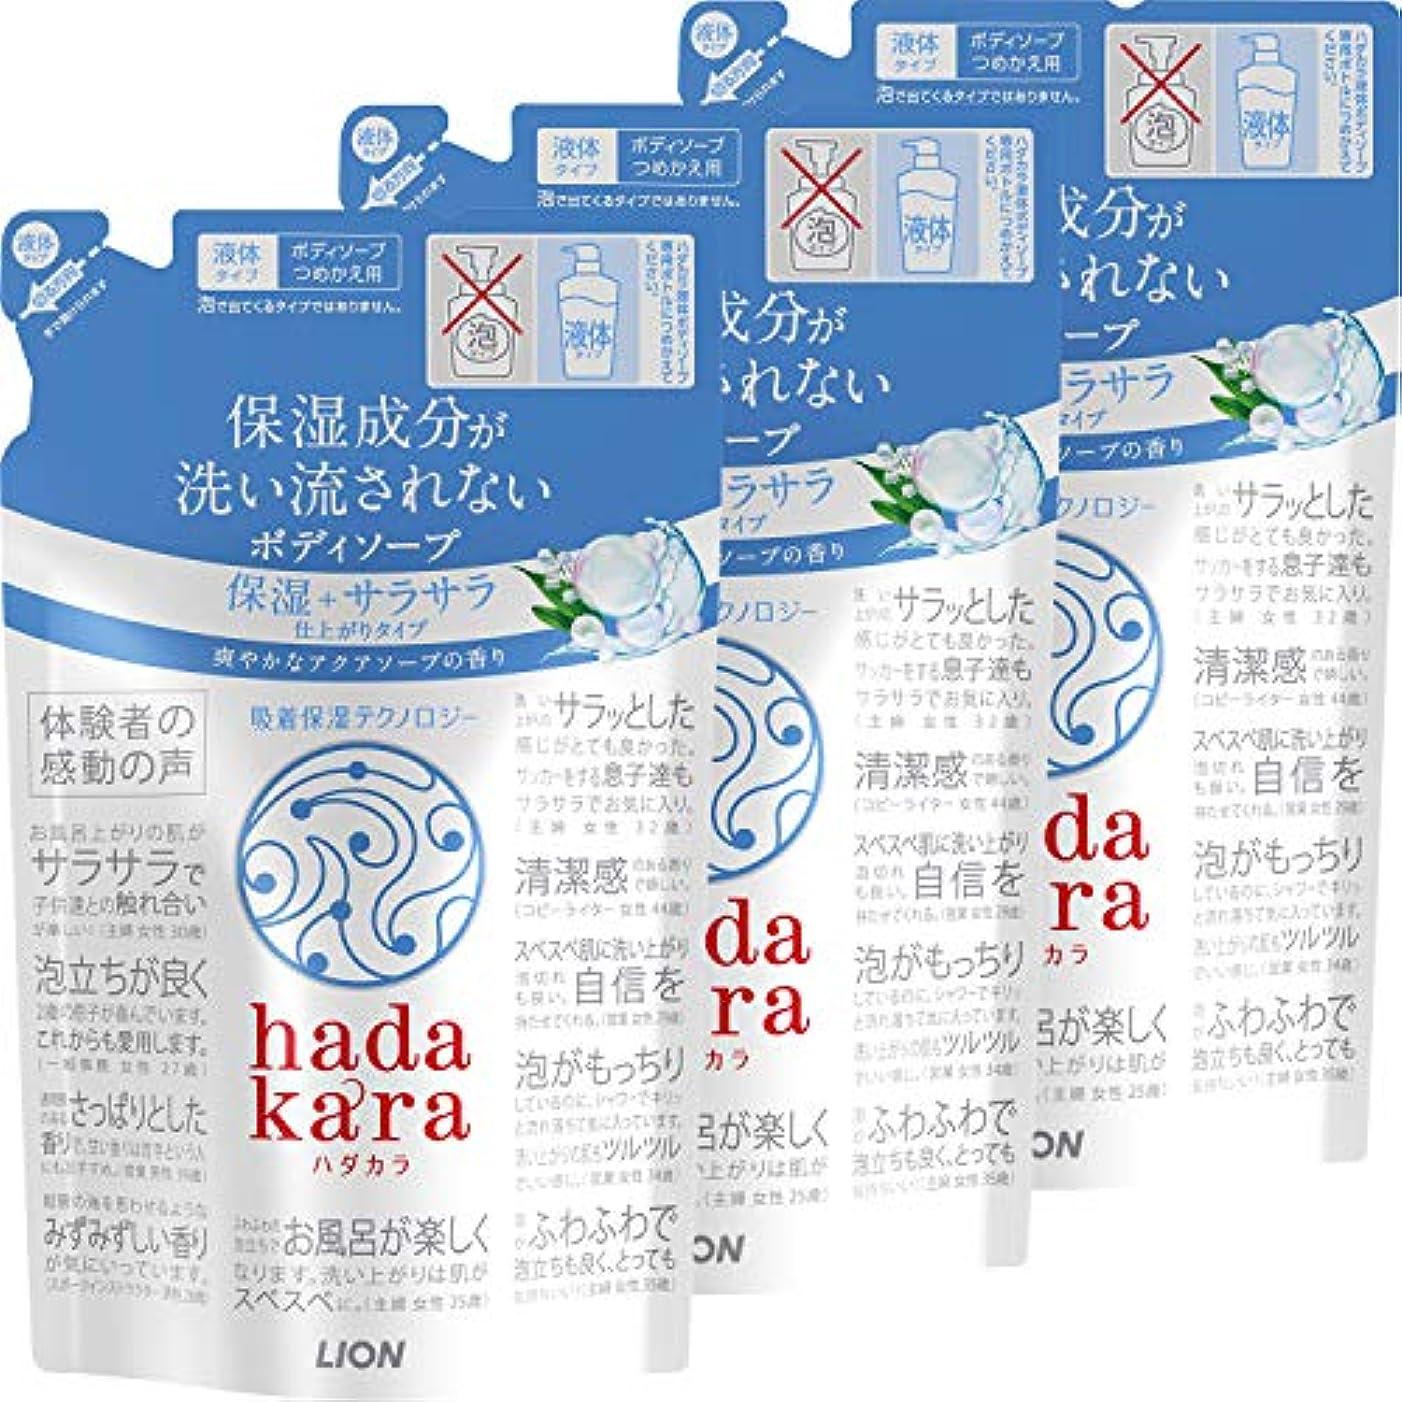 庭園仲人返還hadakara(ハダカラ) ボディソープ 保湿+サラサラ仕上がりタイプ アクアソープの香り つめかえ340ml×3個 アクアソープ(保湿+サラサラ仕上がり) 詰替え用